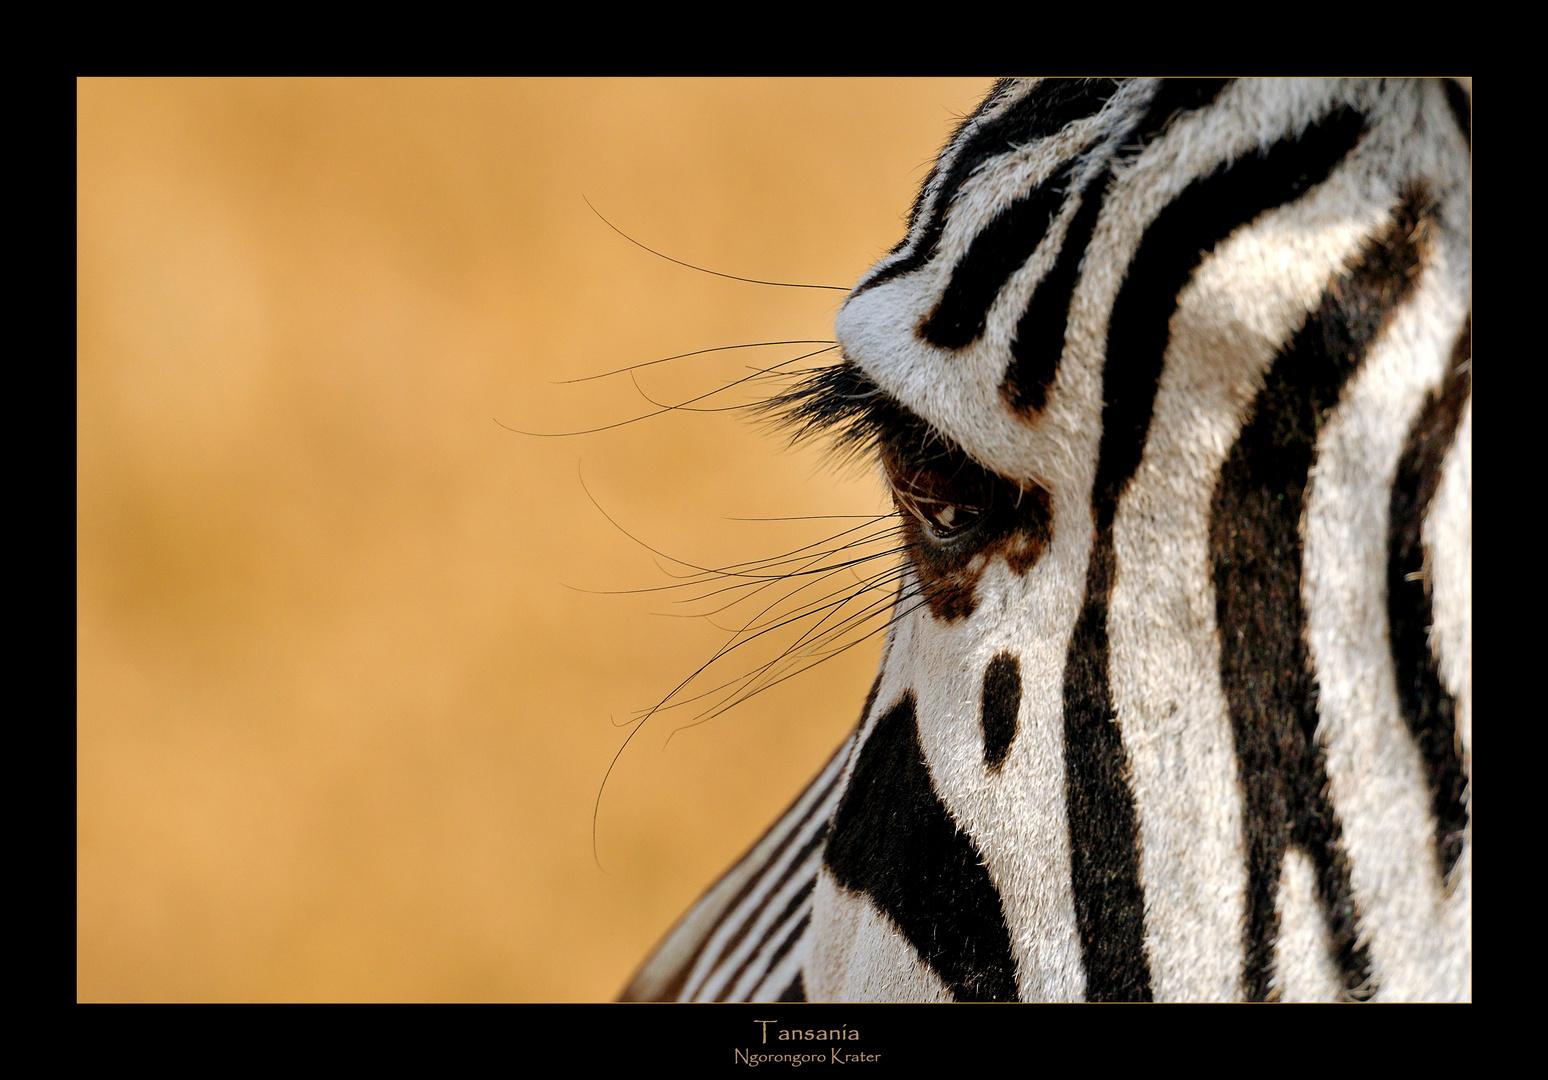 - Blink of zebra eye -